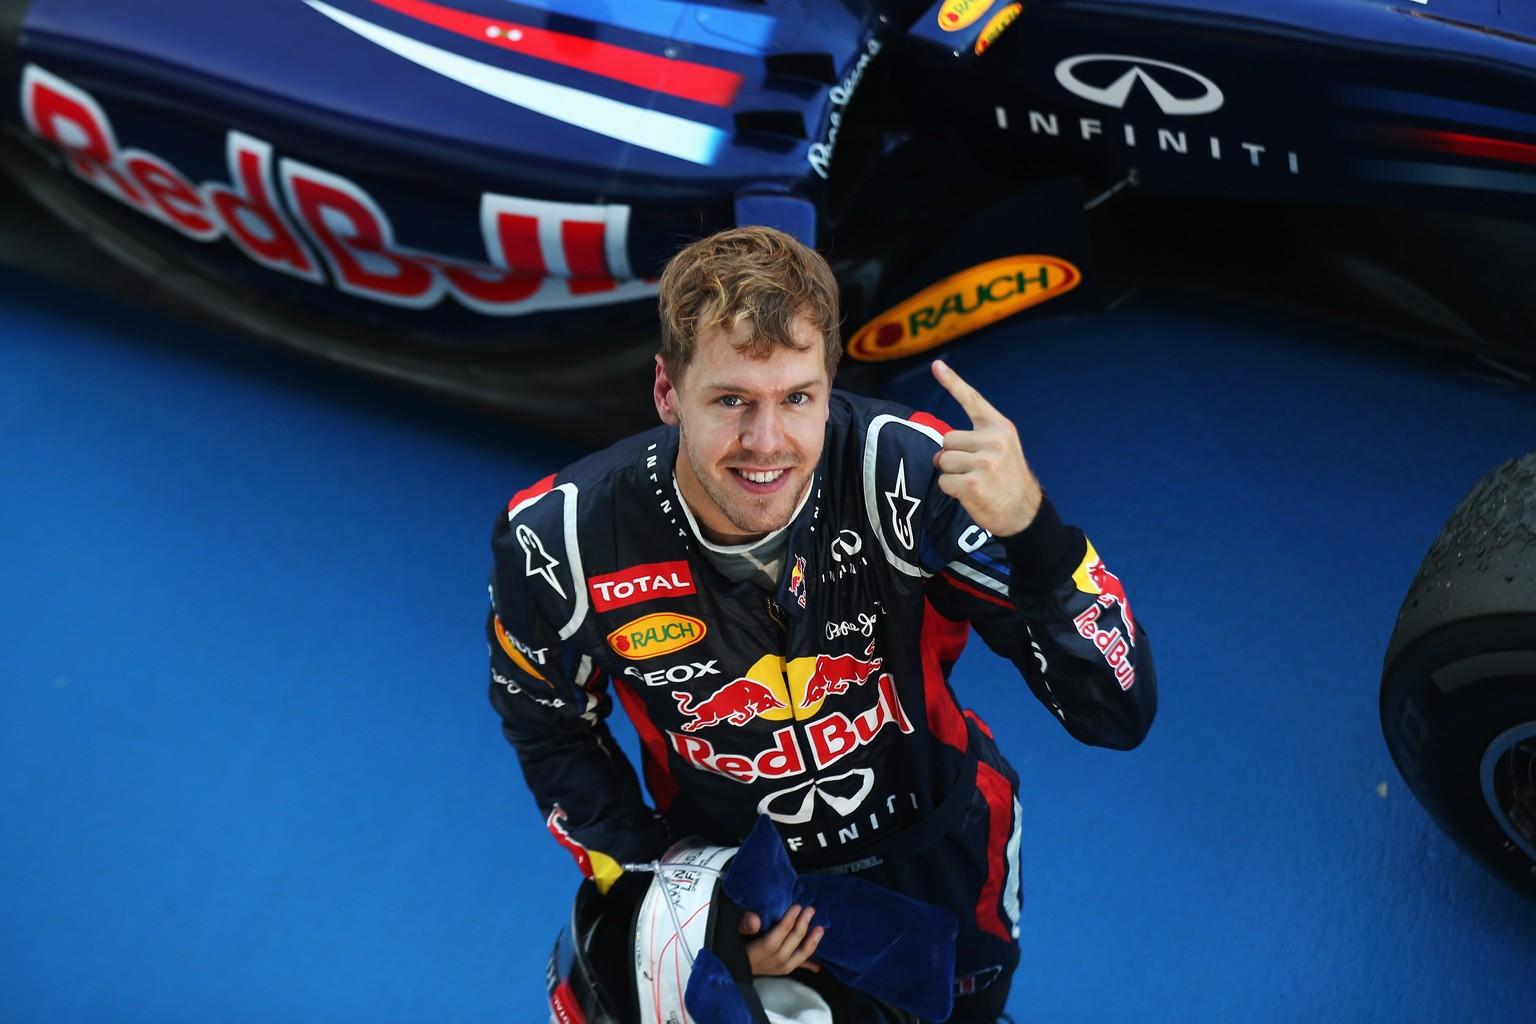 Formel 1: Diesen neuen Cockpit-Schutz hat Sebastian Vettel